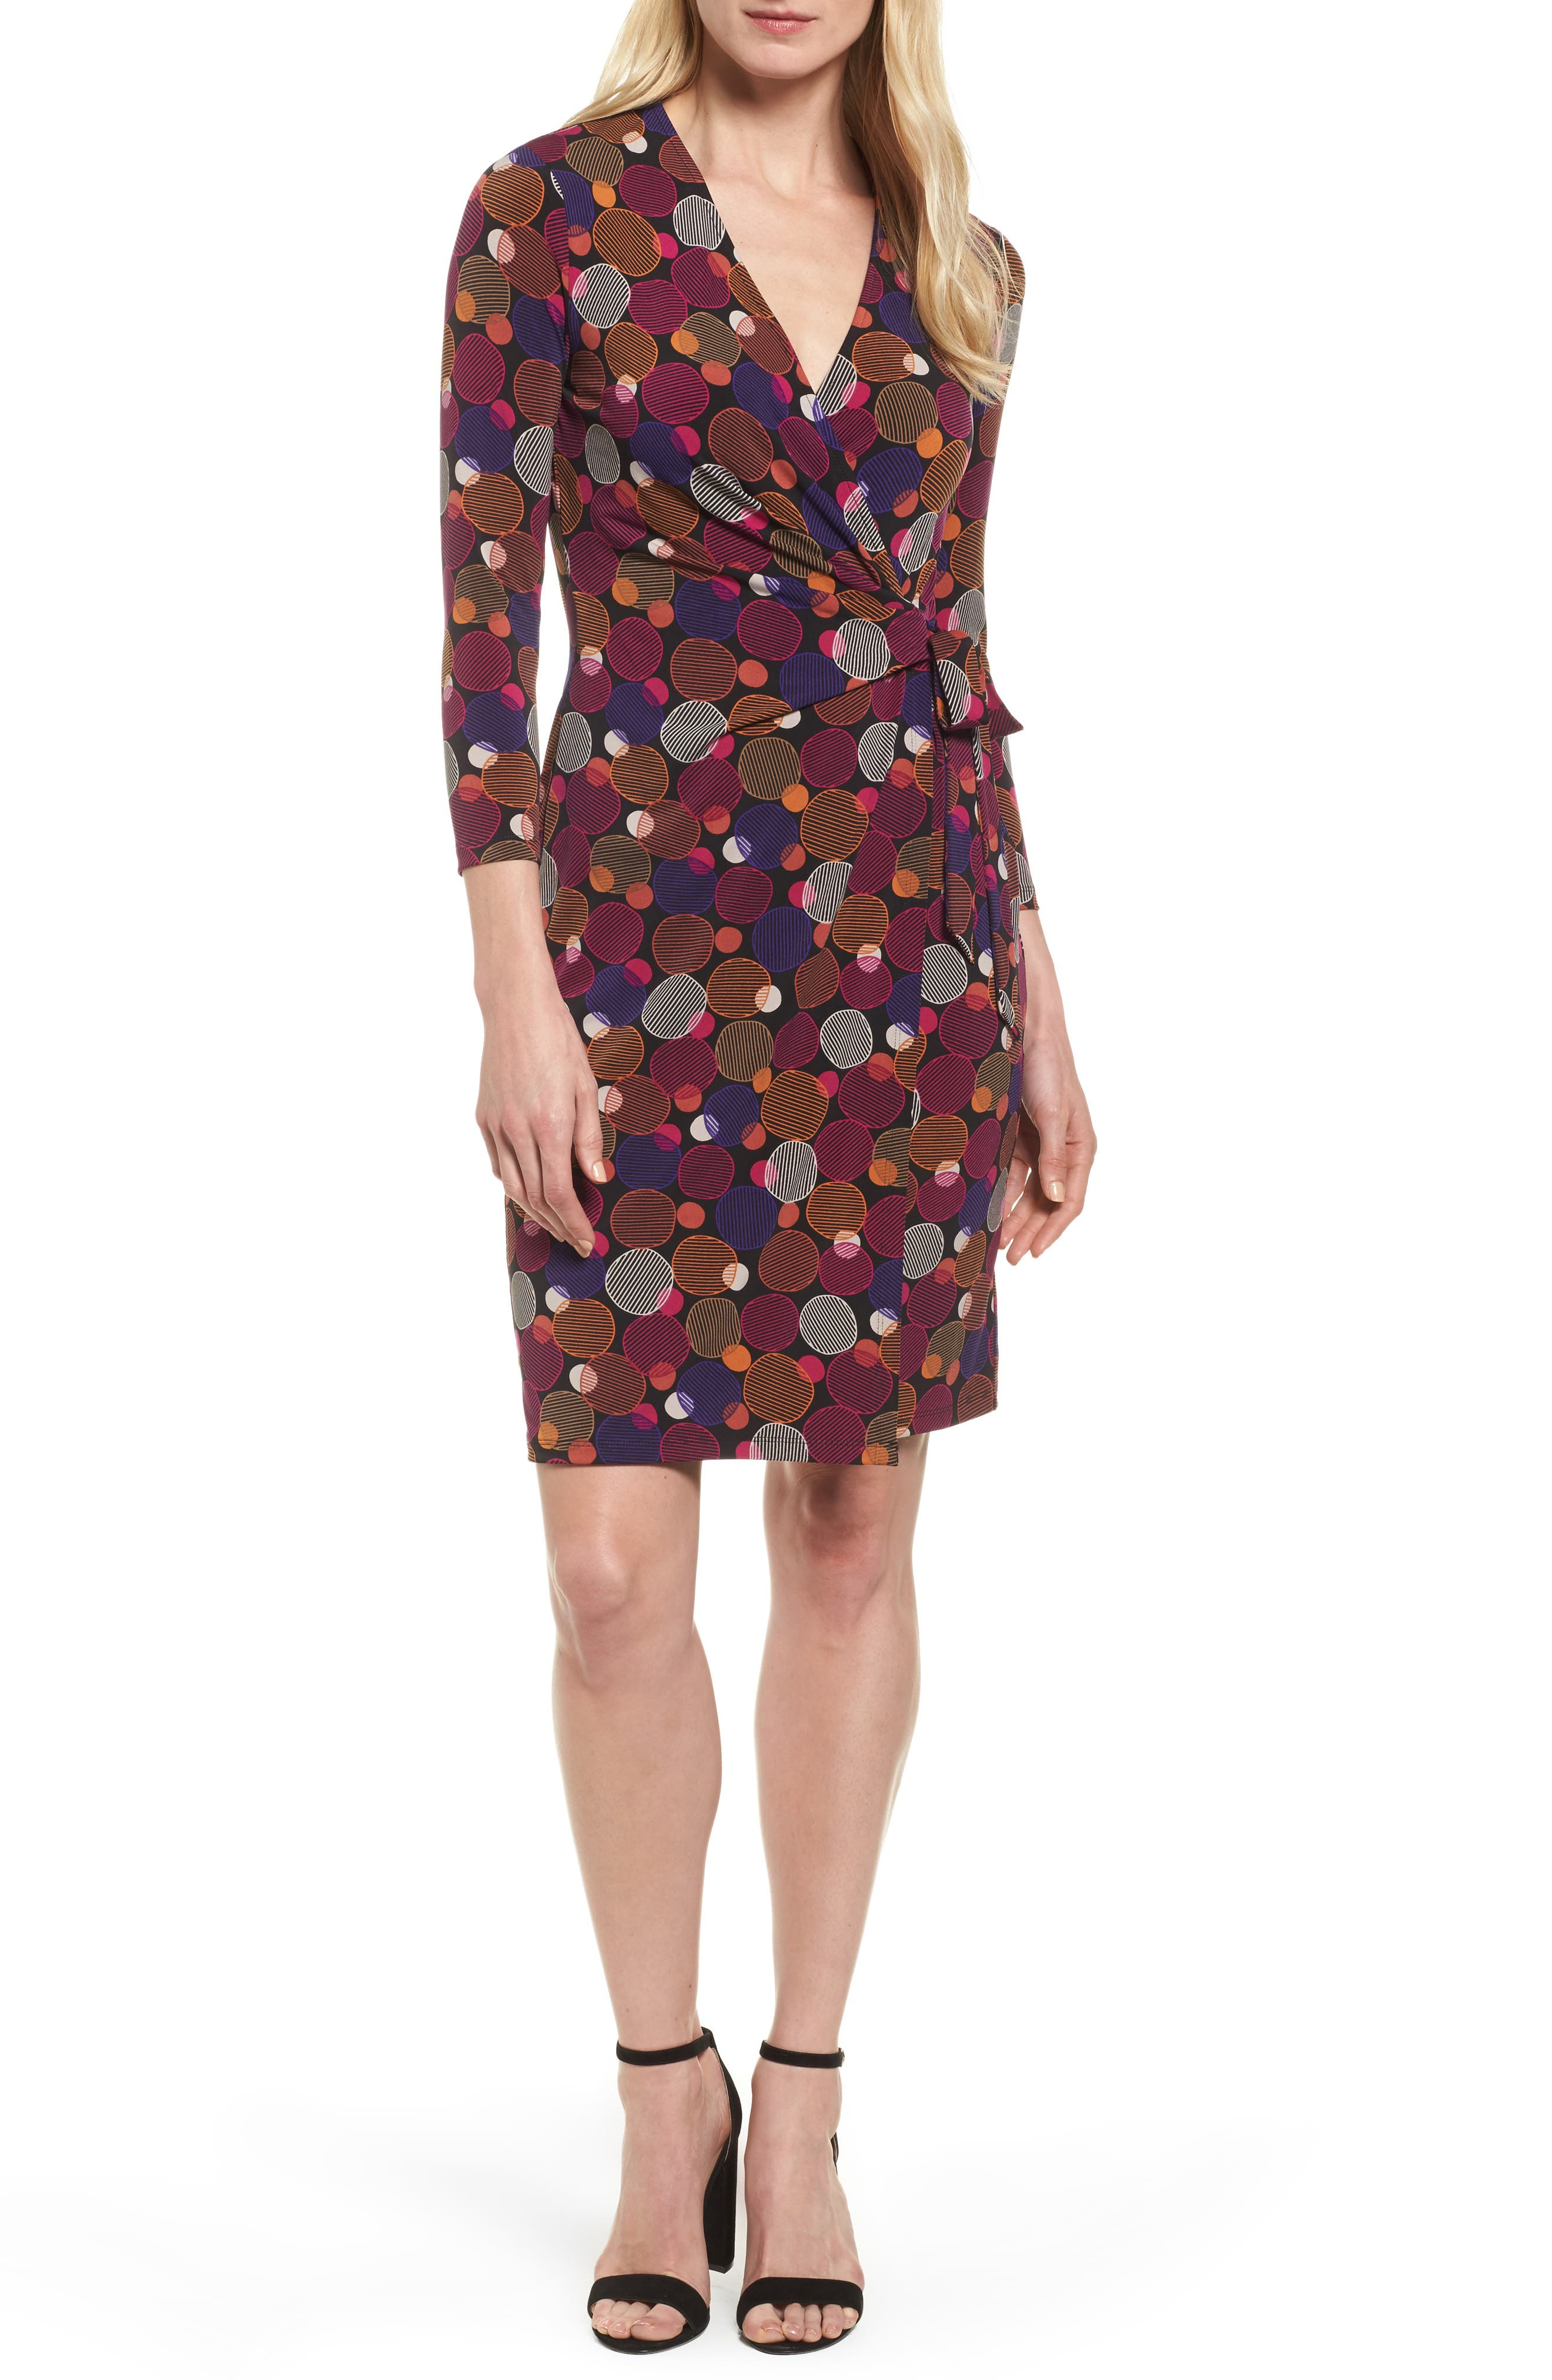 Alternate Image 1 Selected - Anne Klein Dot Print Faux Wrap Dress